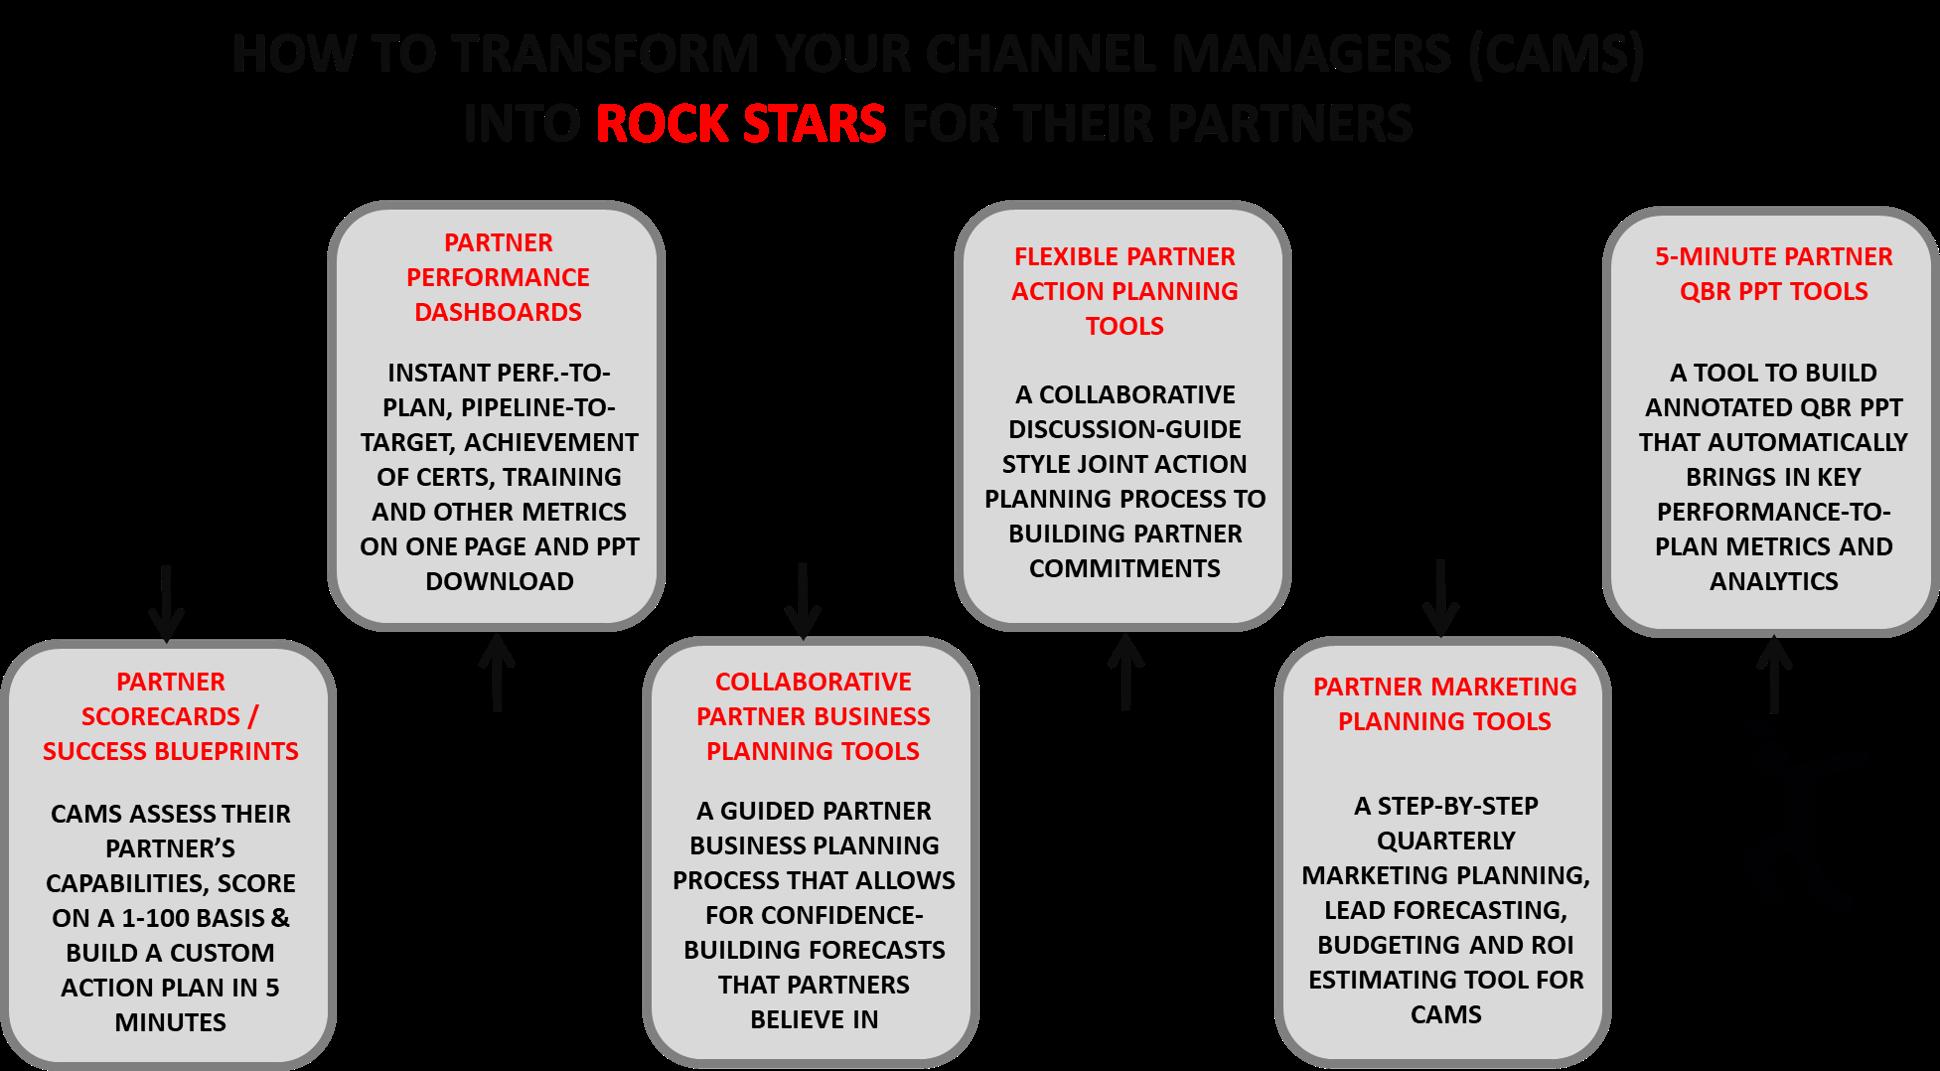 RockStars of Partner